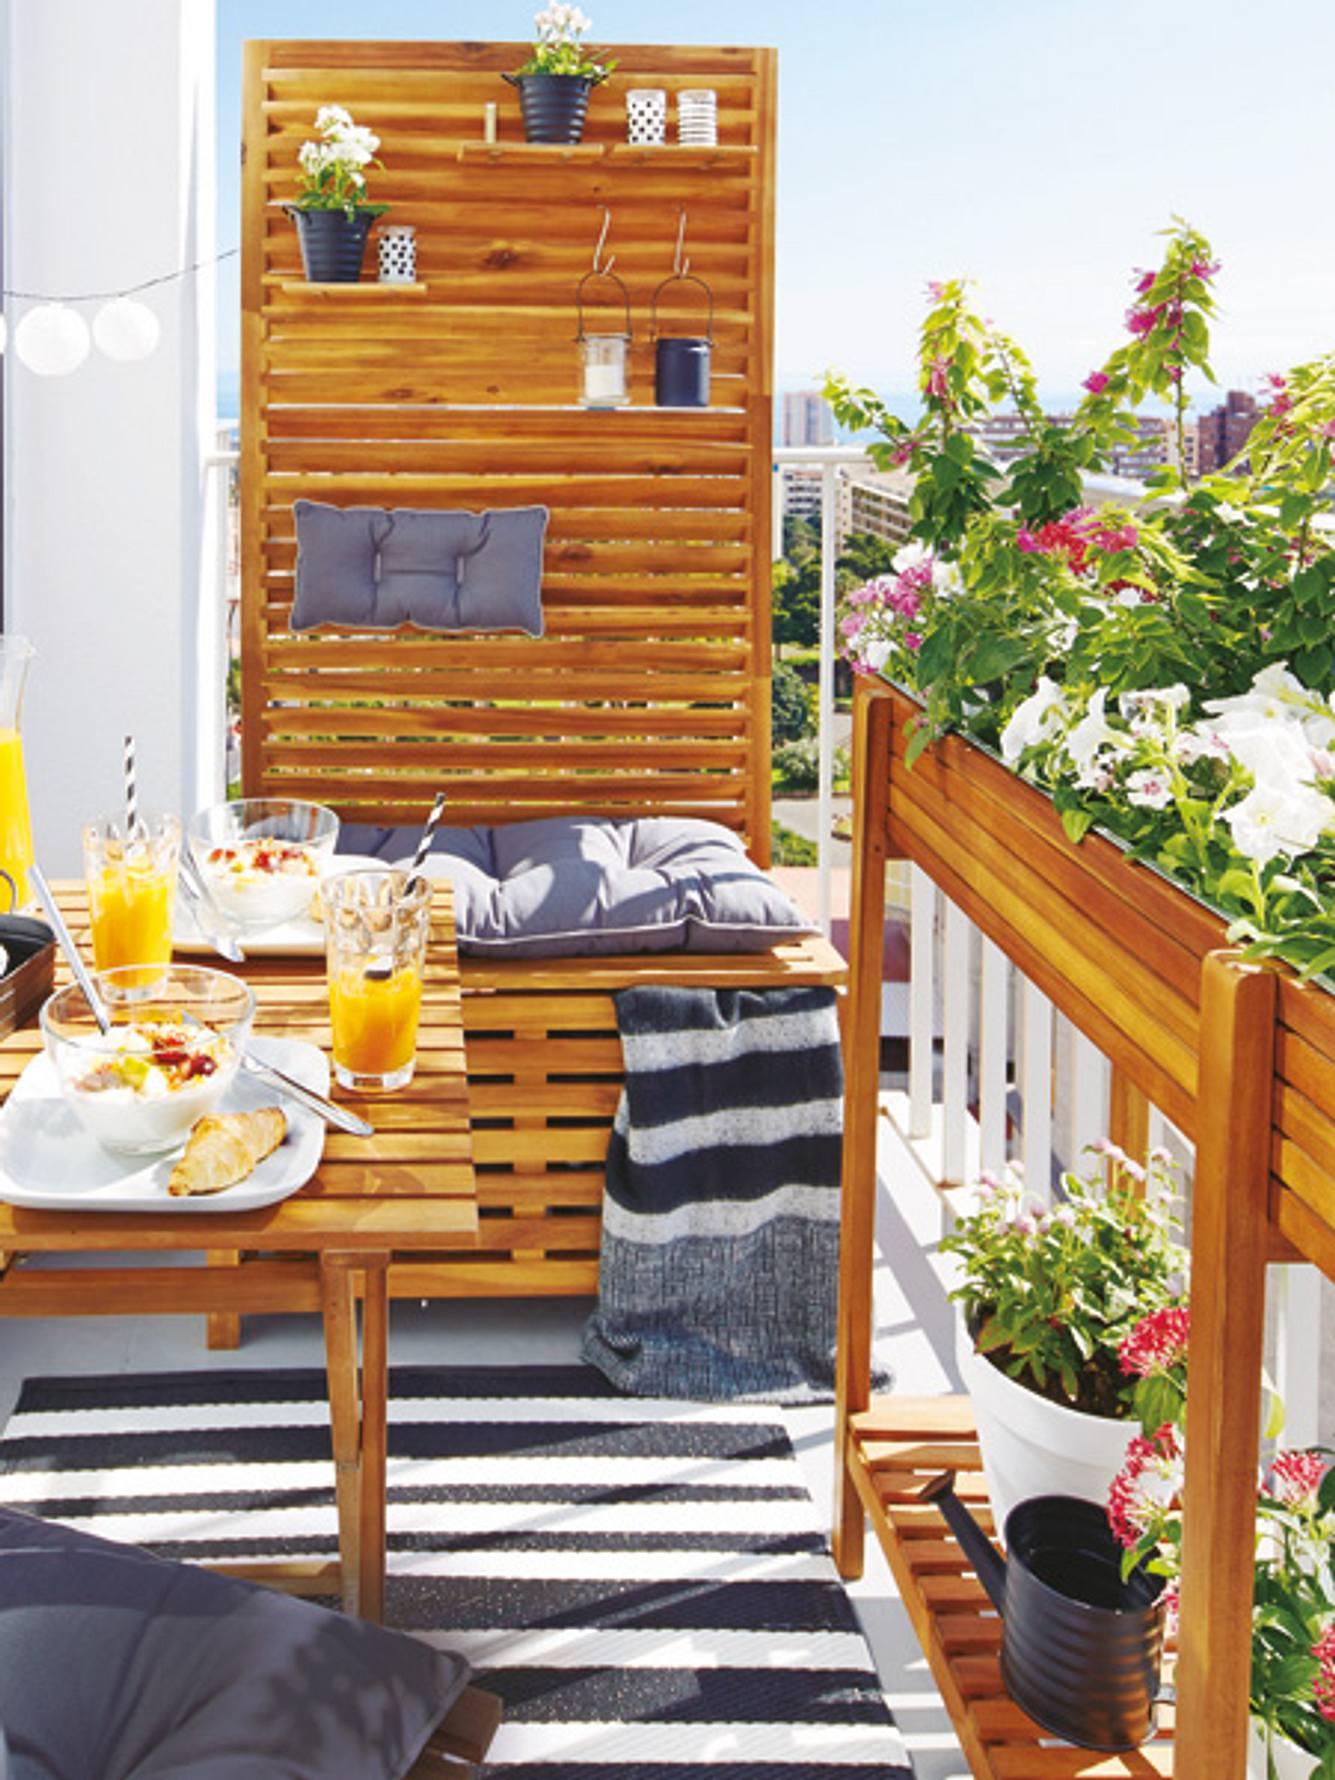 einrichtungsideen kleiner balkon